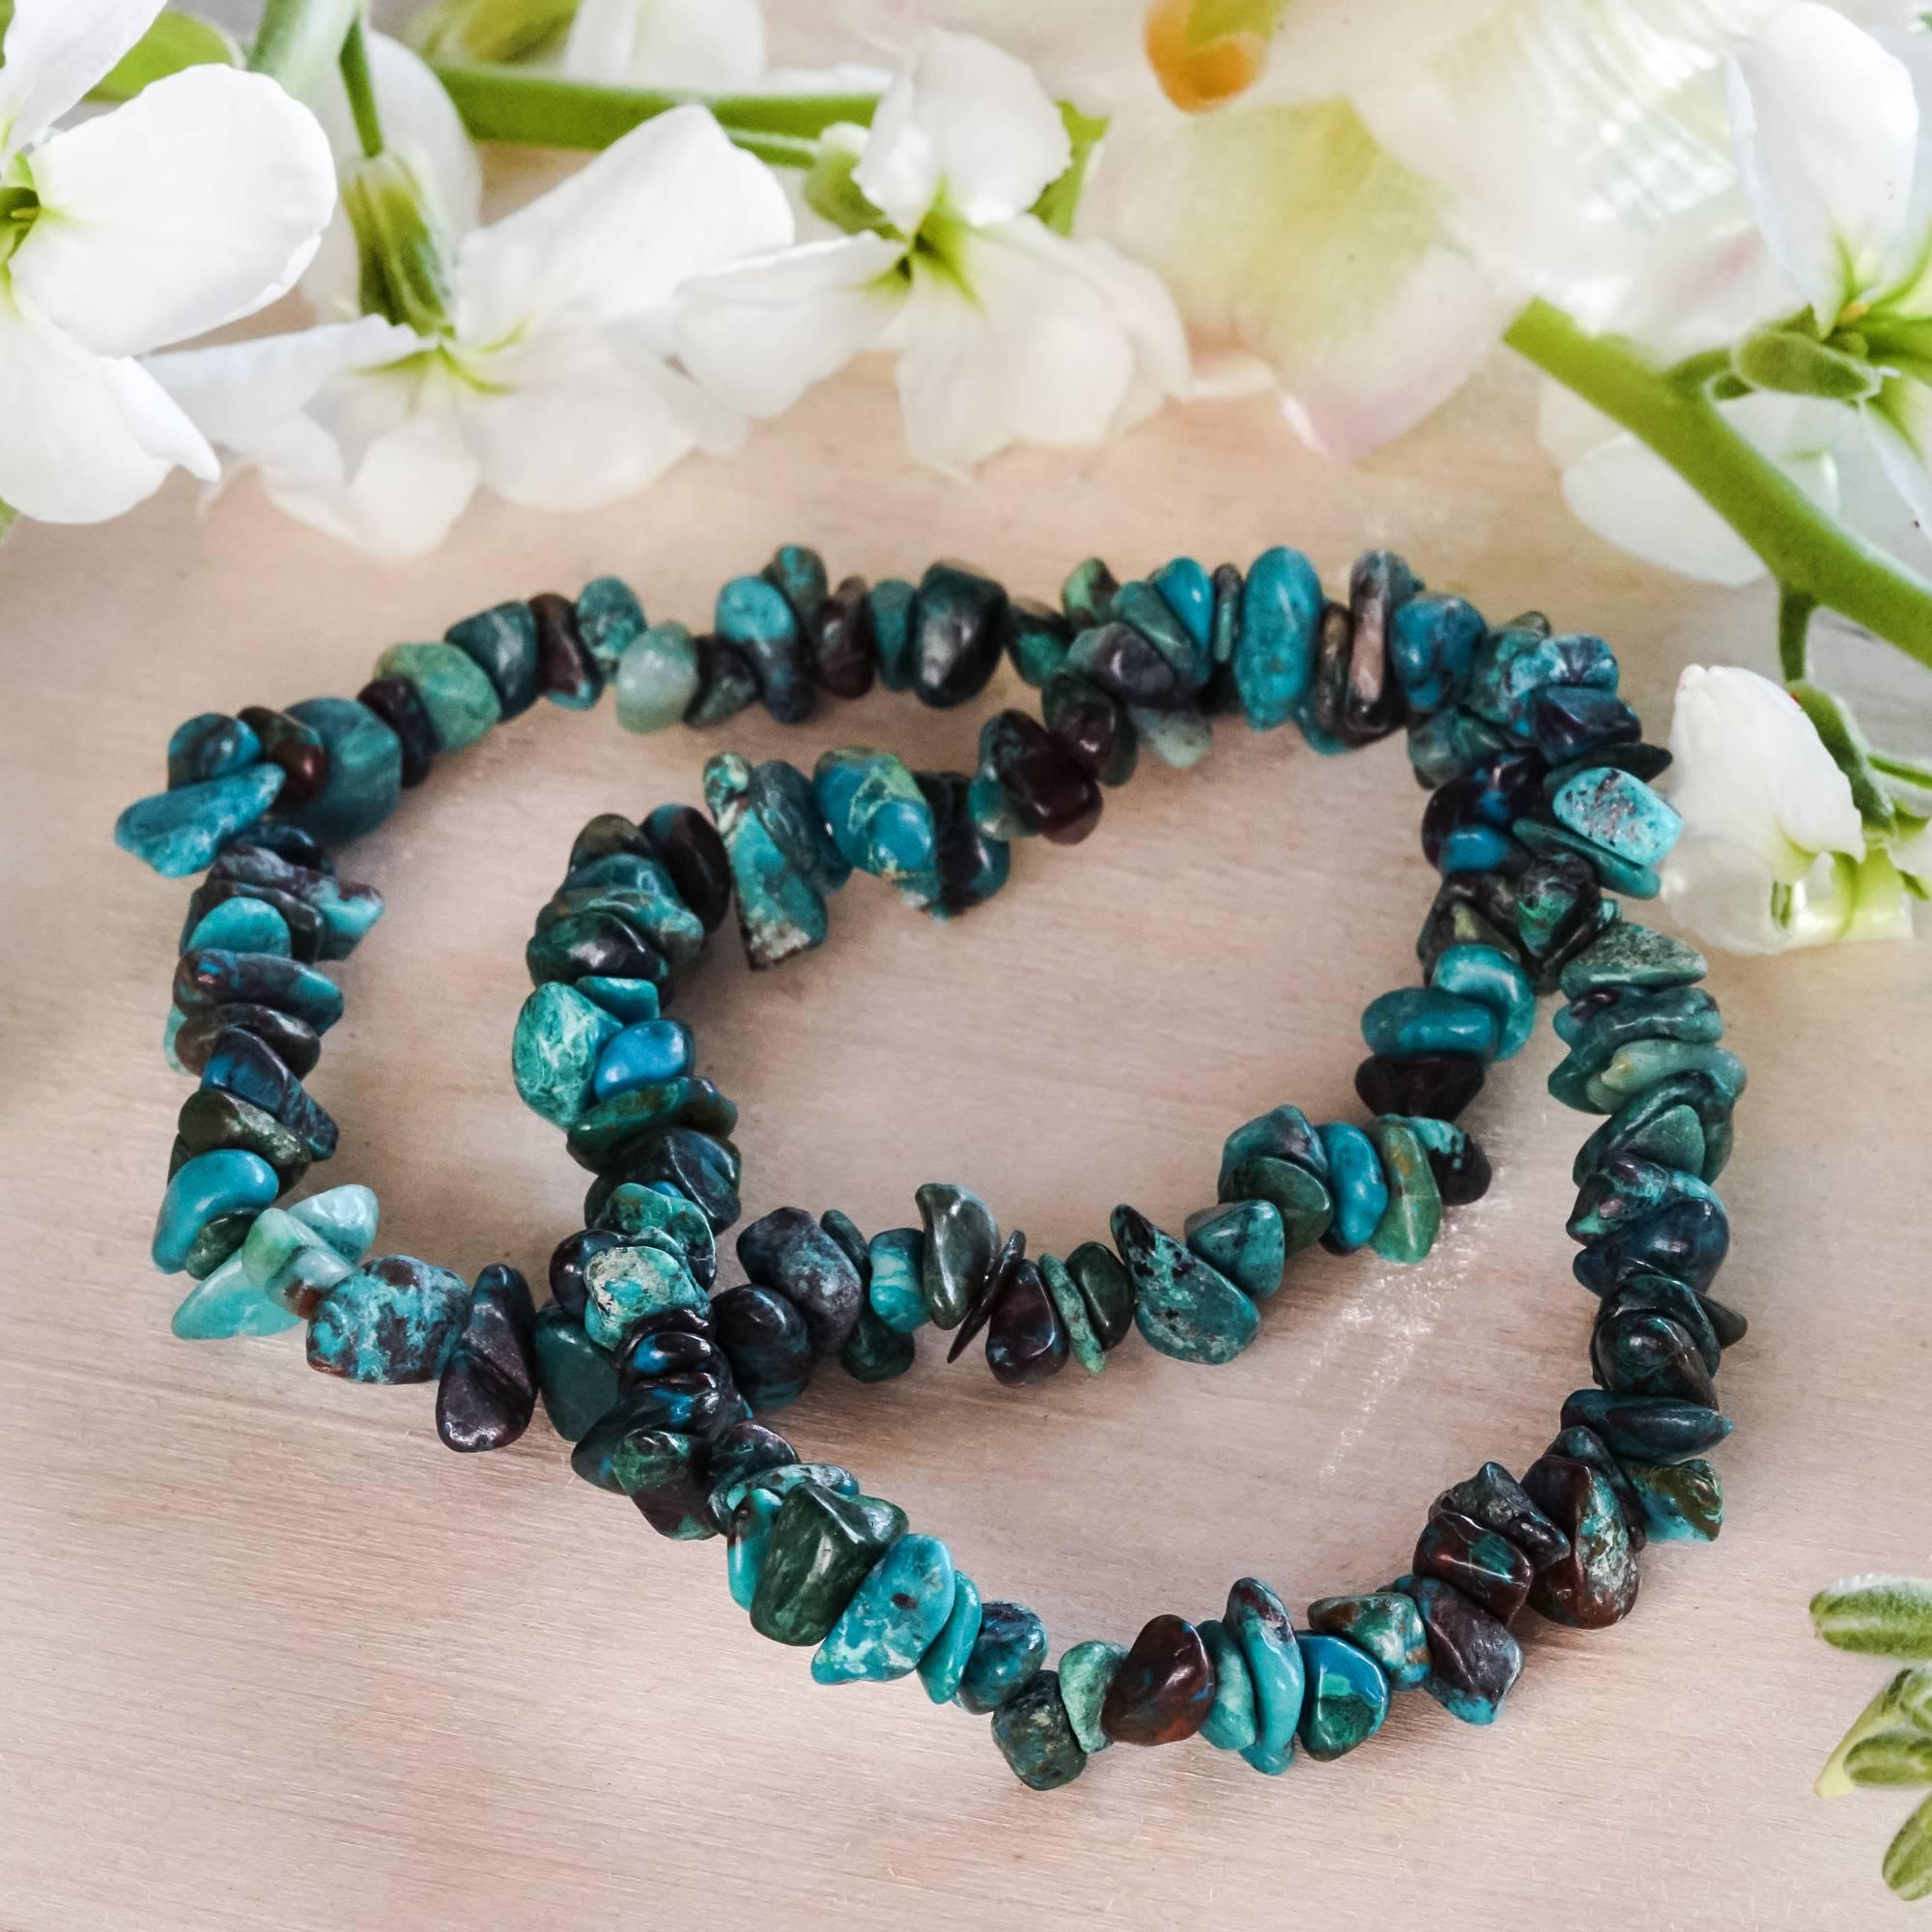 Chrysocolla Chip Stone Bracelets